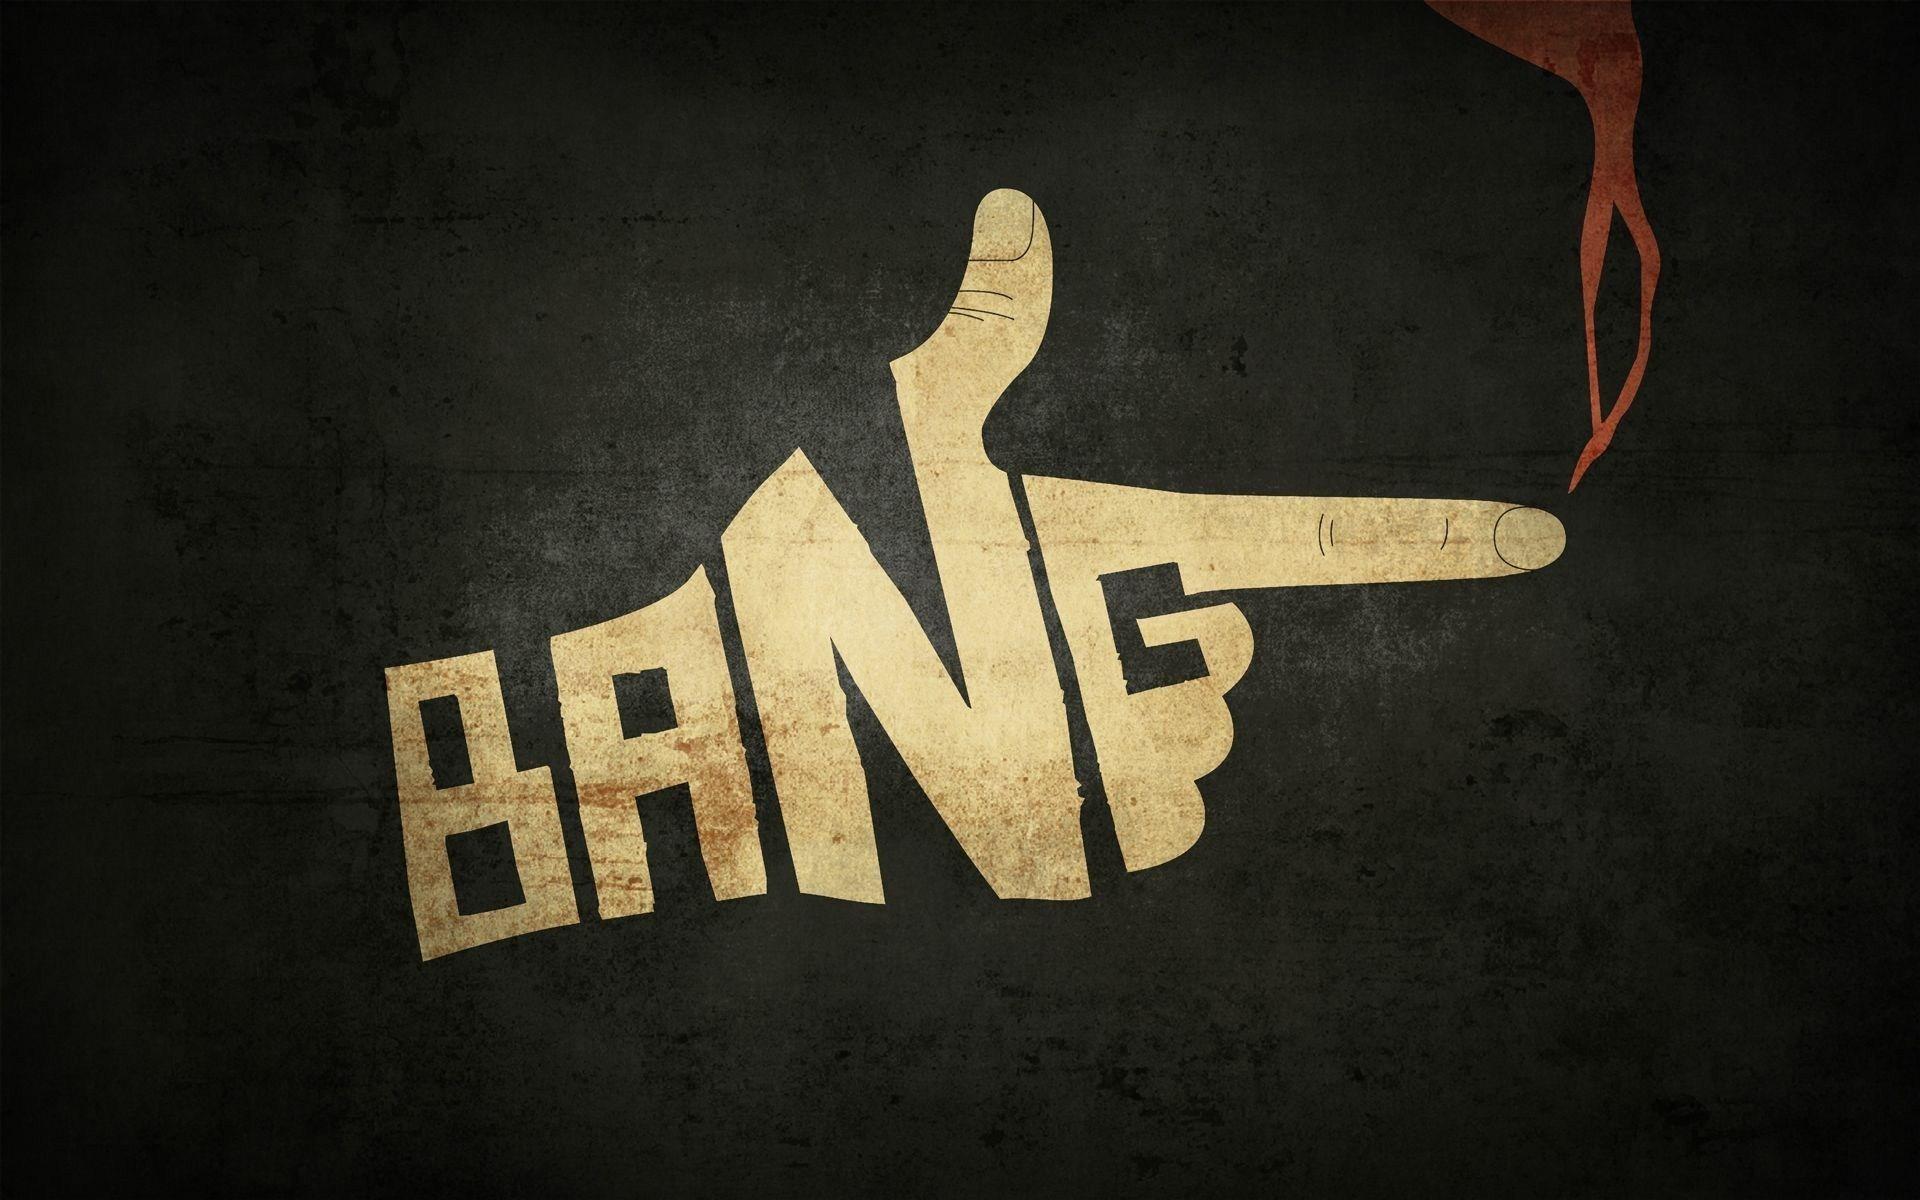 Cowboy Bebop, Typography, Smoke, Grunge Wallpaper